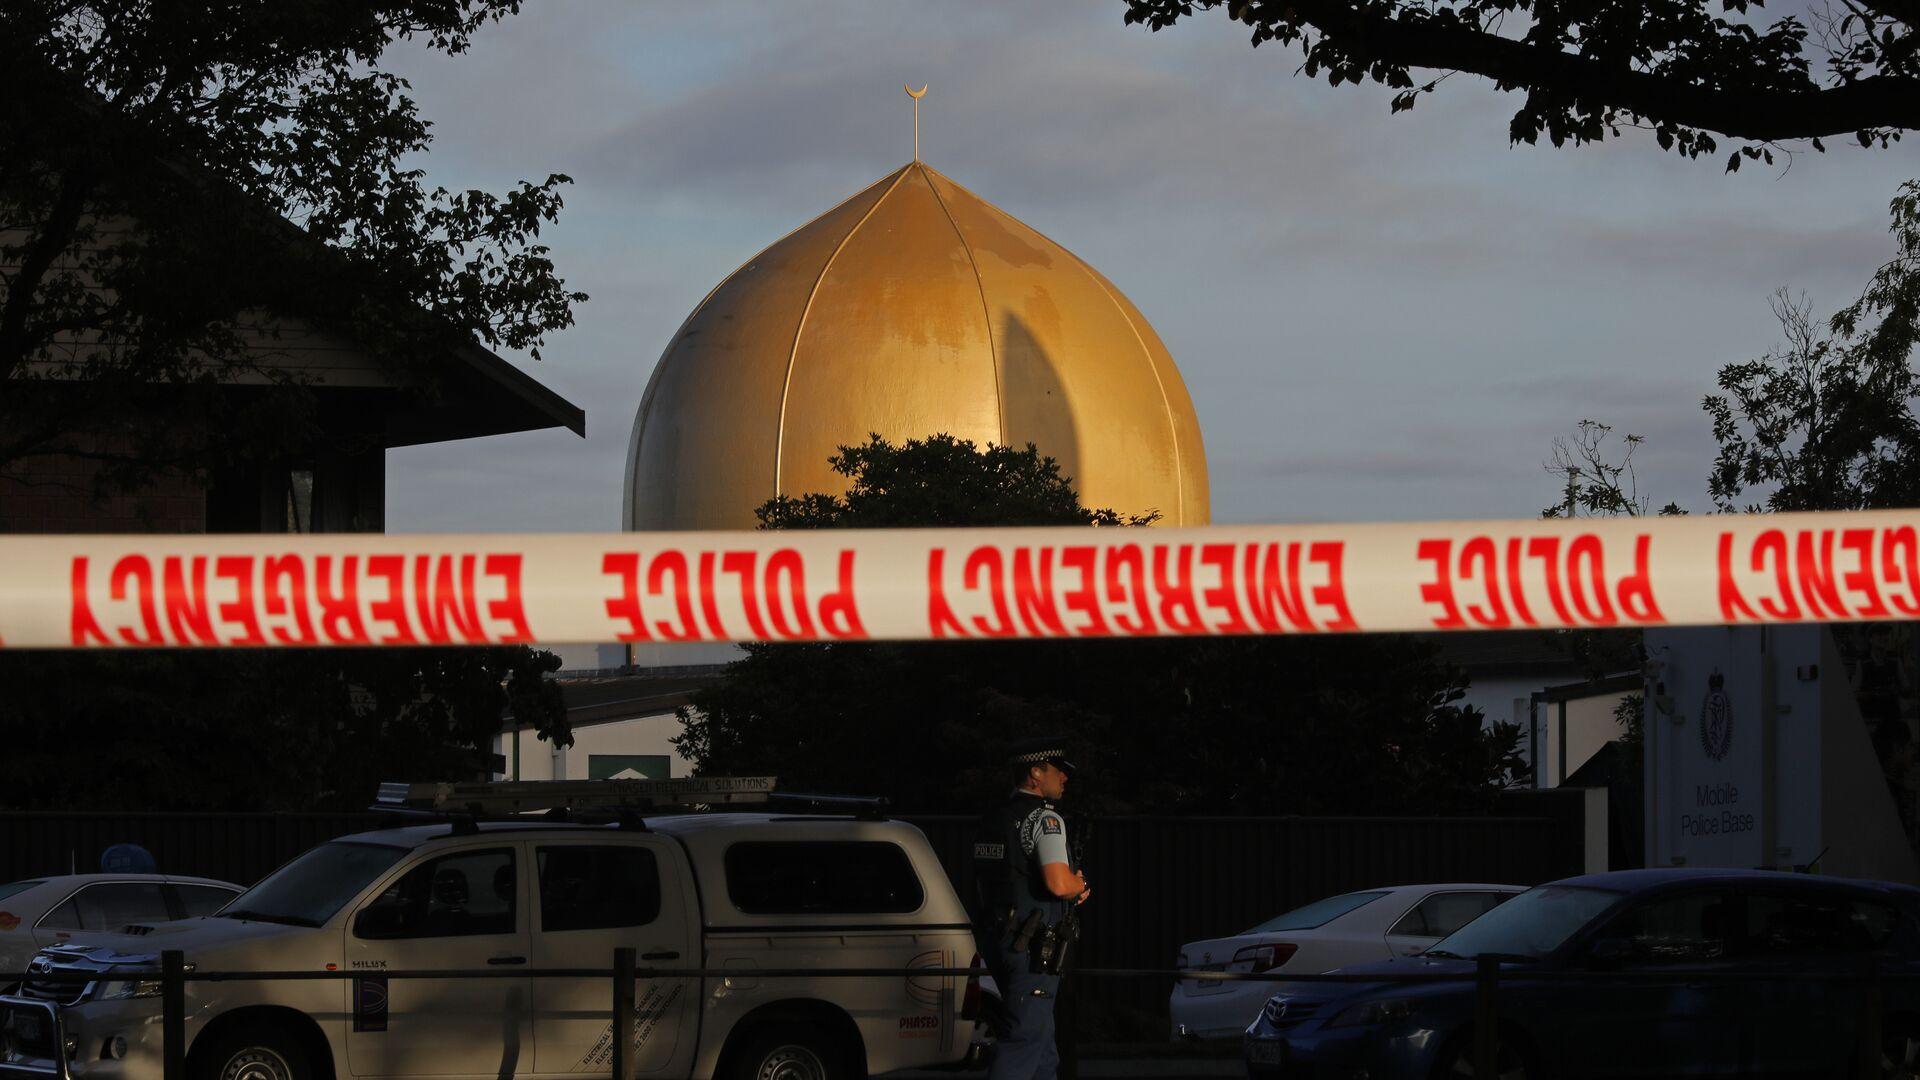 Una de las mezquitas en Christchurch, Nueva Zelanda - Sputnik Mundo, 1920, 04.03.2021